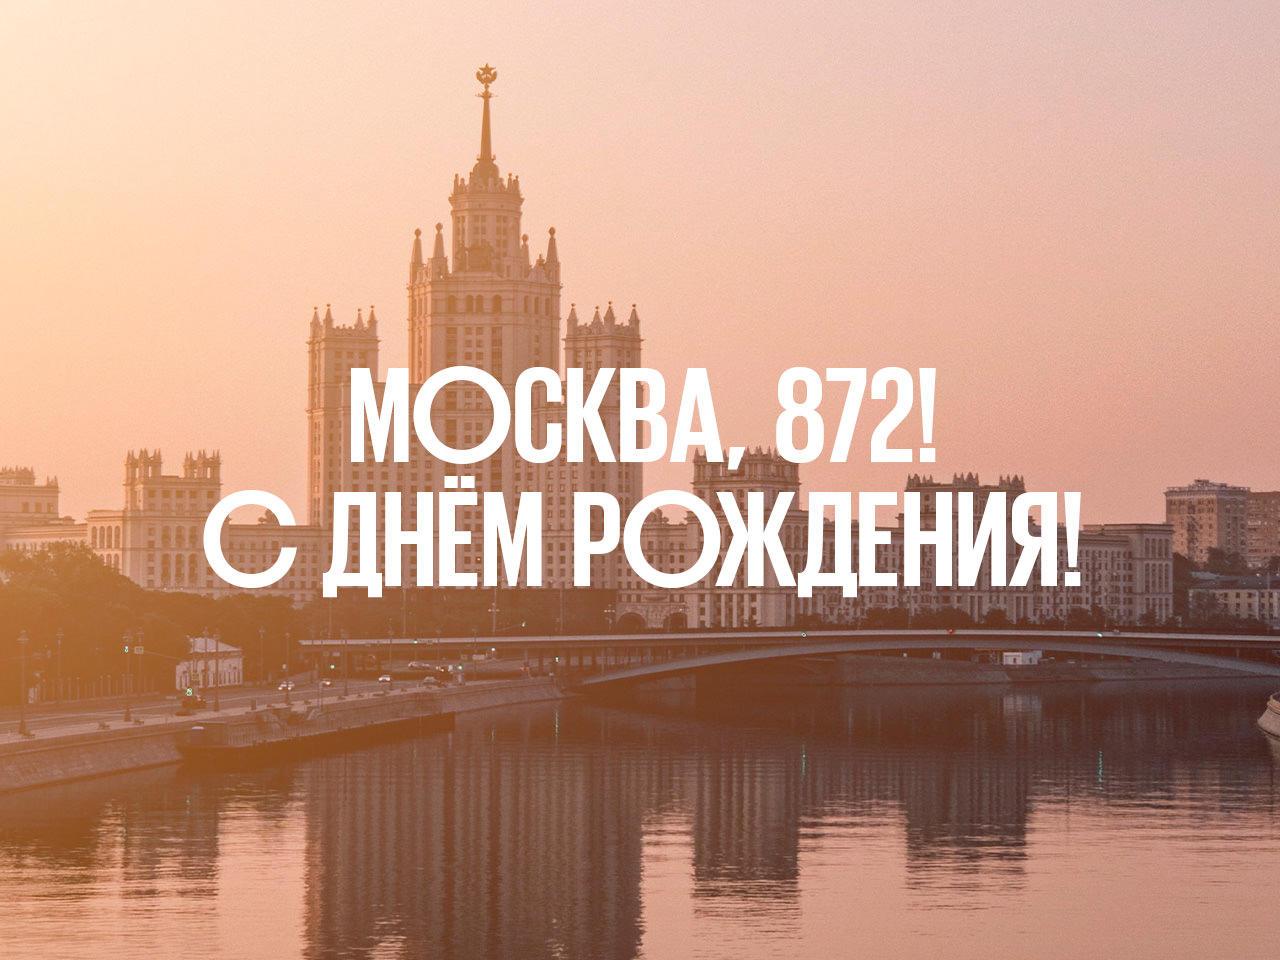 С днем рождения, Москва